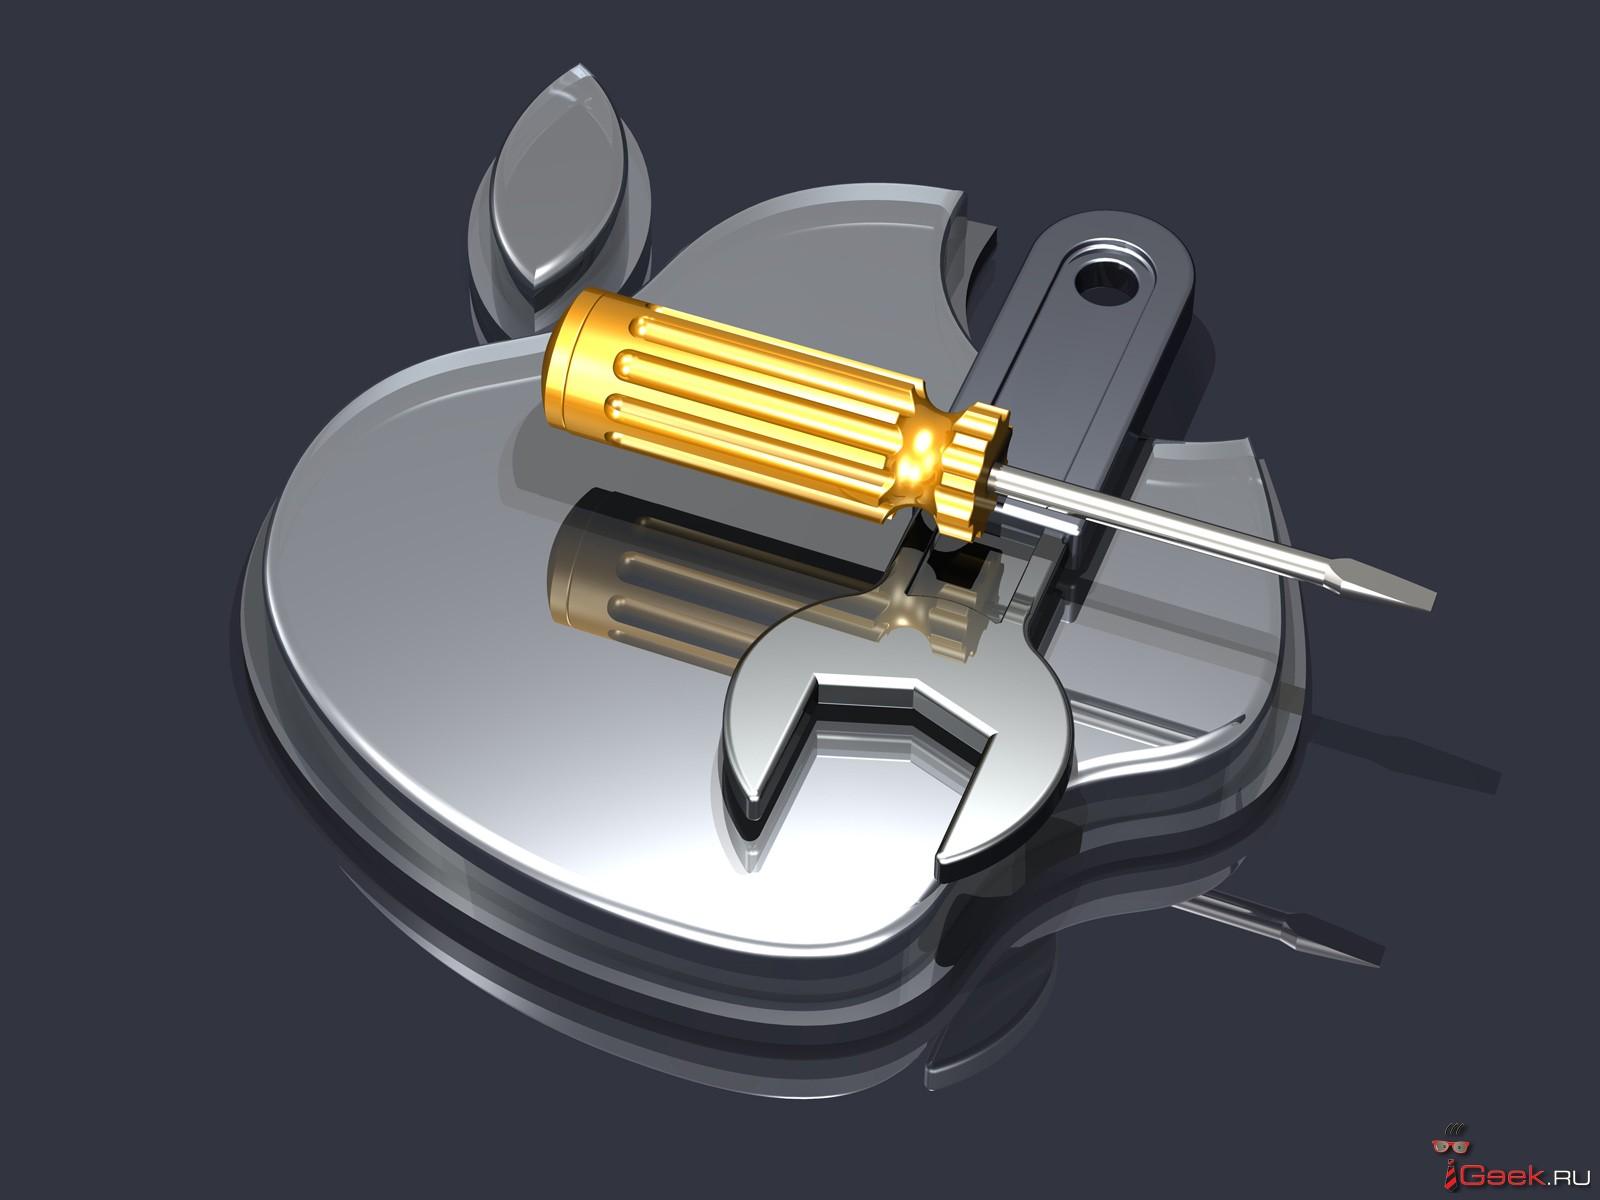 Высококачественный сервис устройств от компании Apple